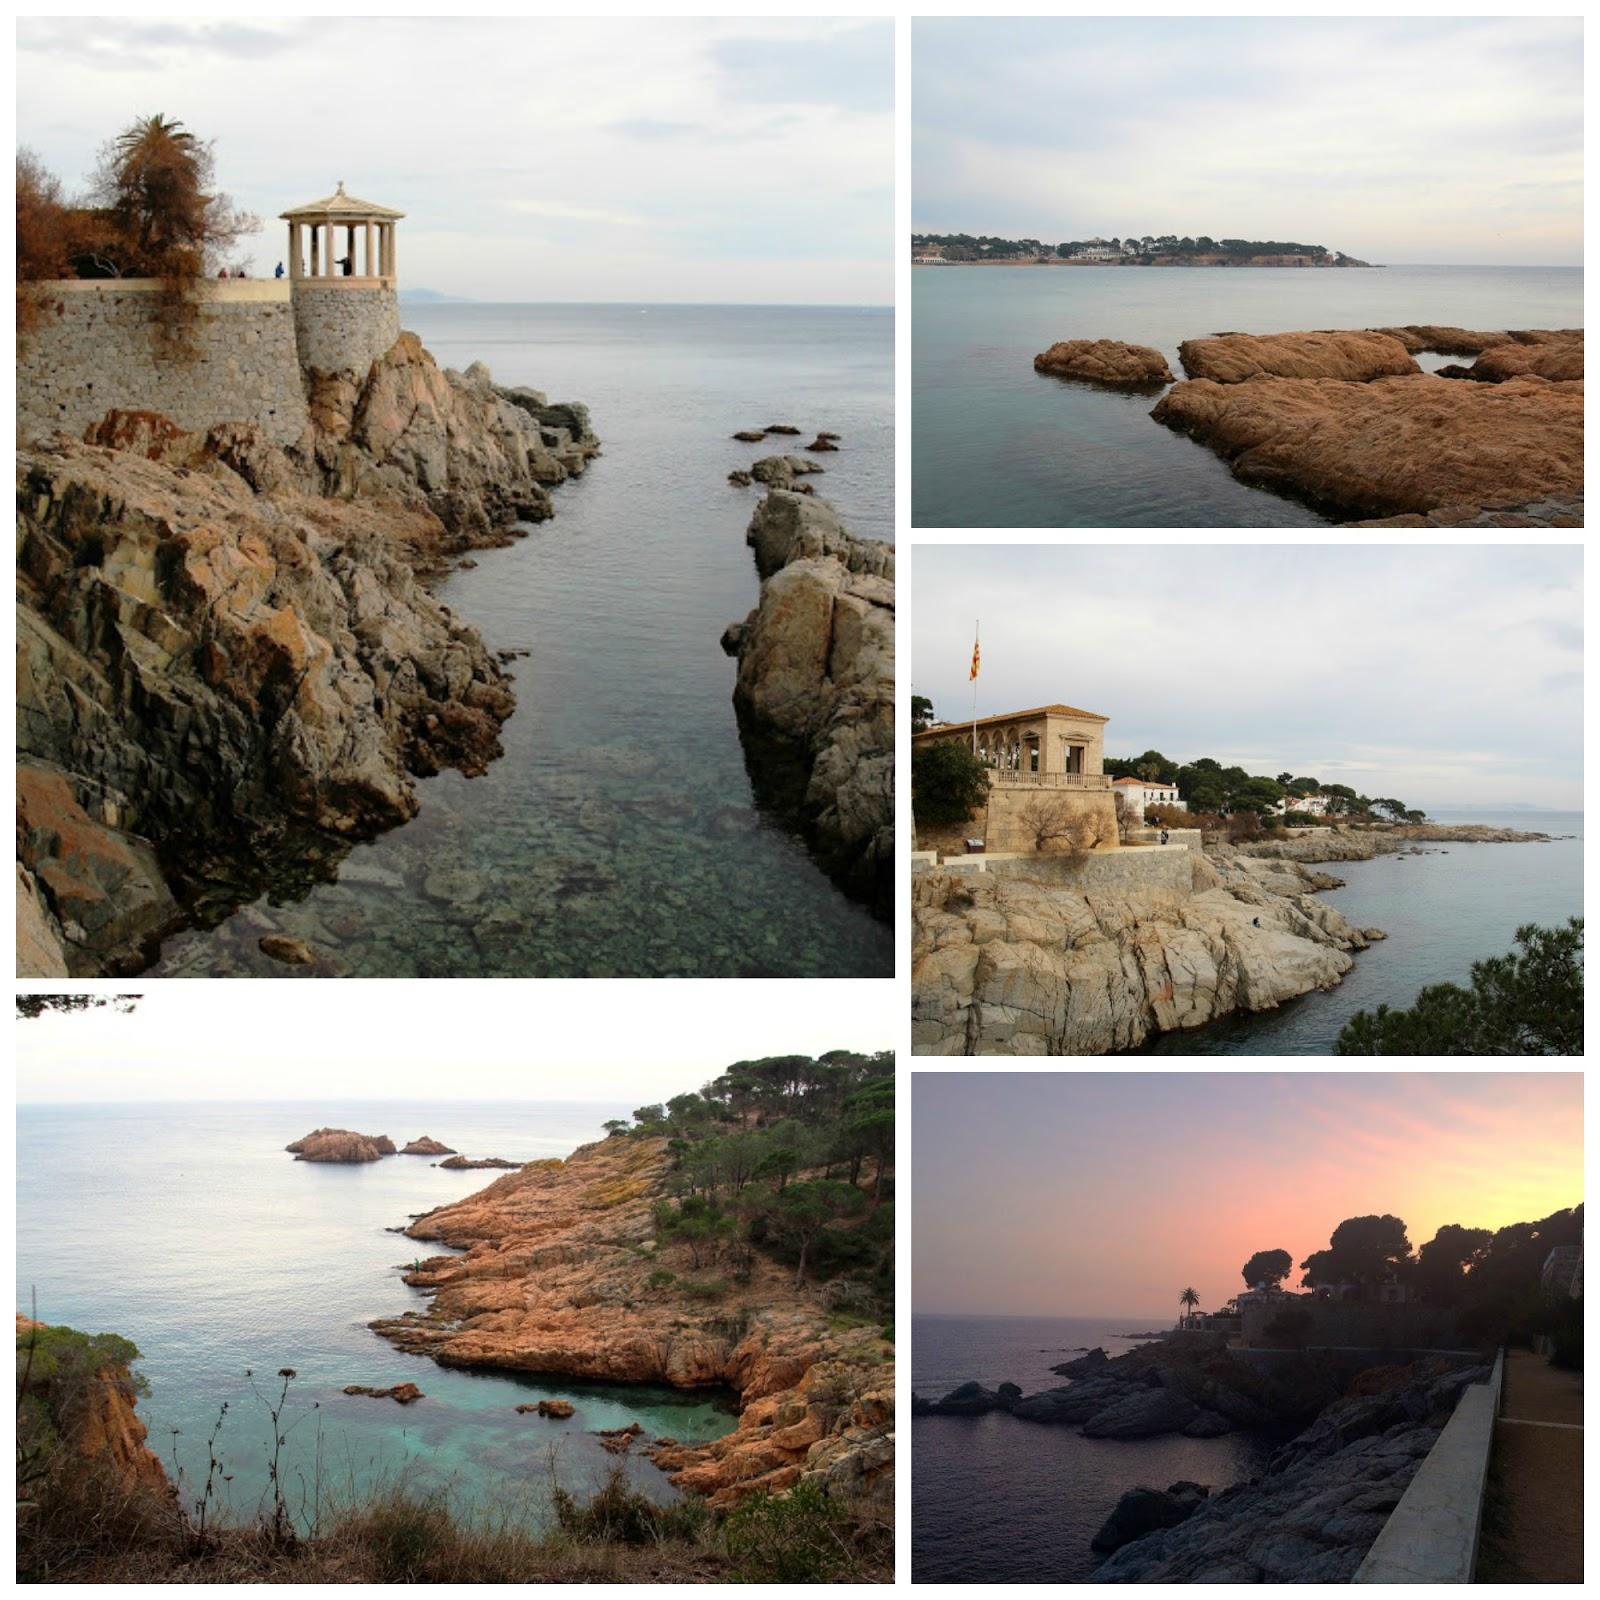 Rutas Mar Mon Cami De Ronda De Sant Feliu De Guixols A Sa Conca S Agaró